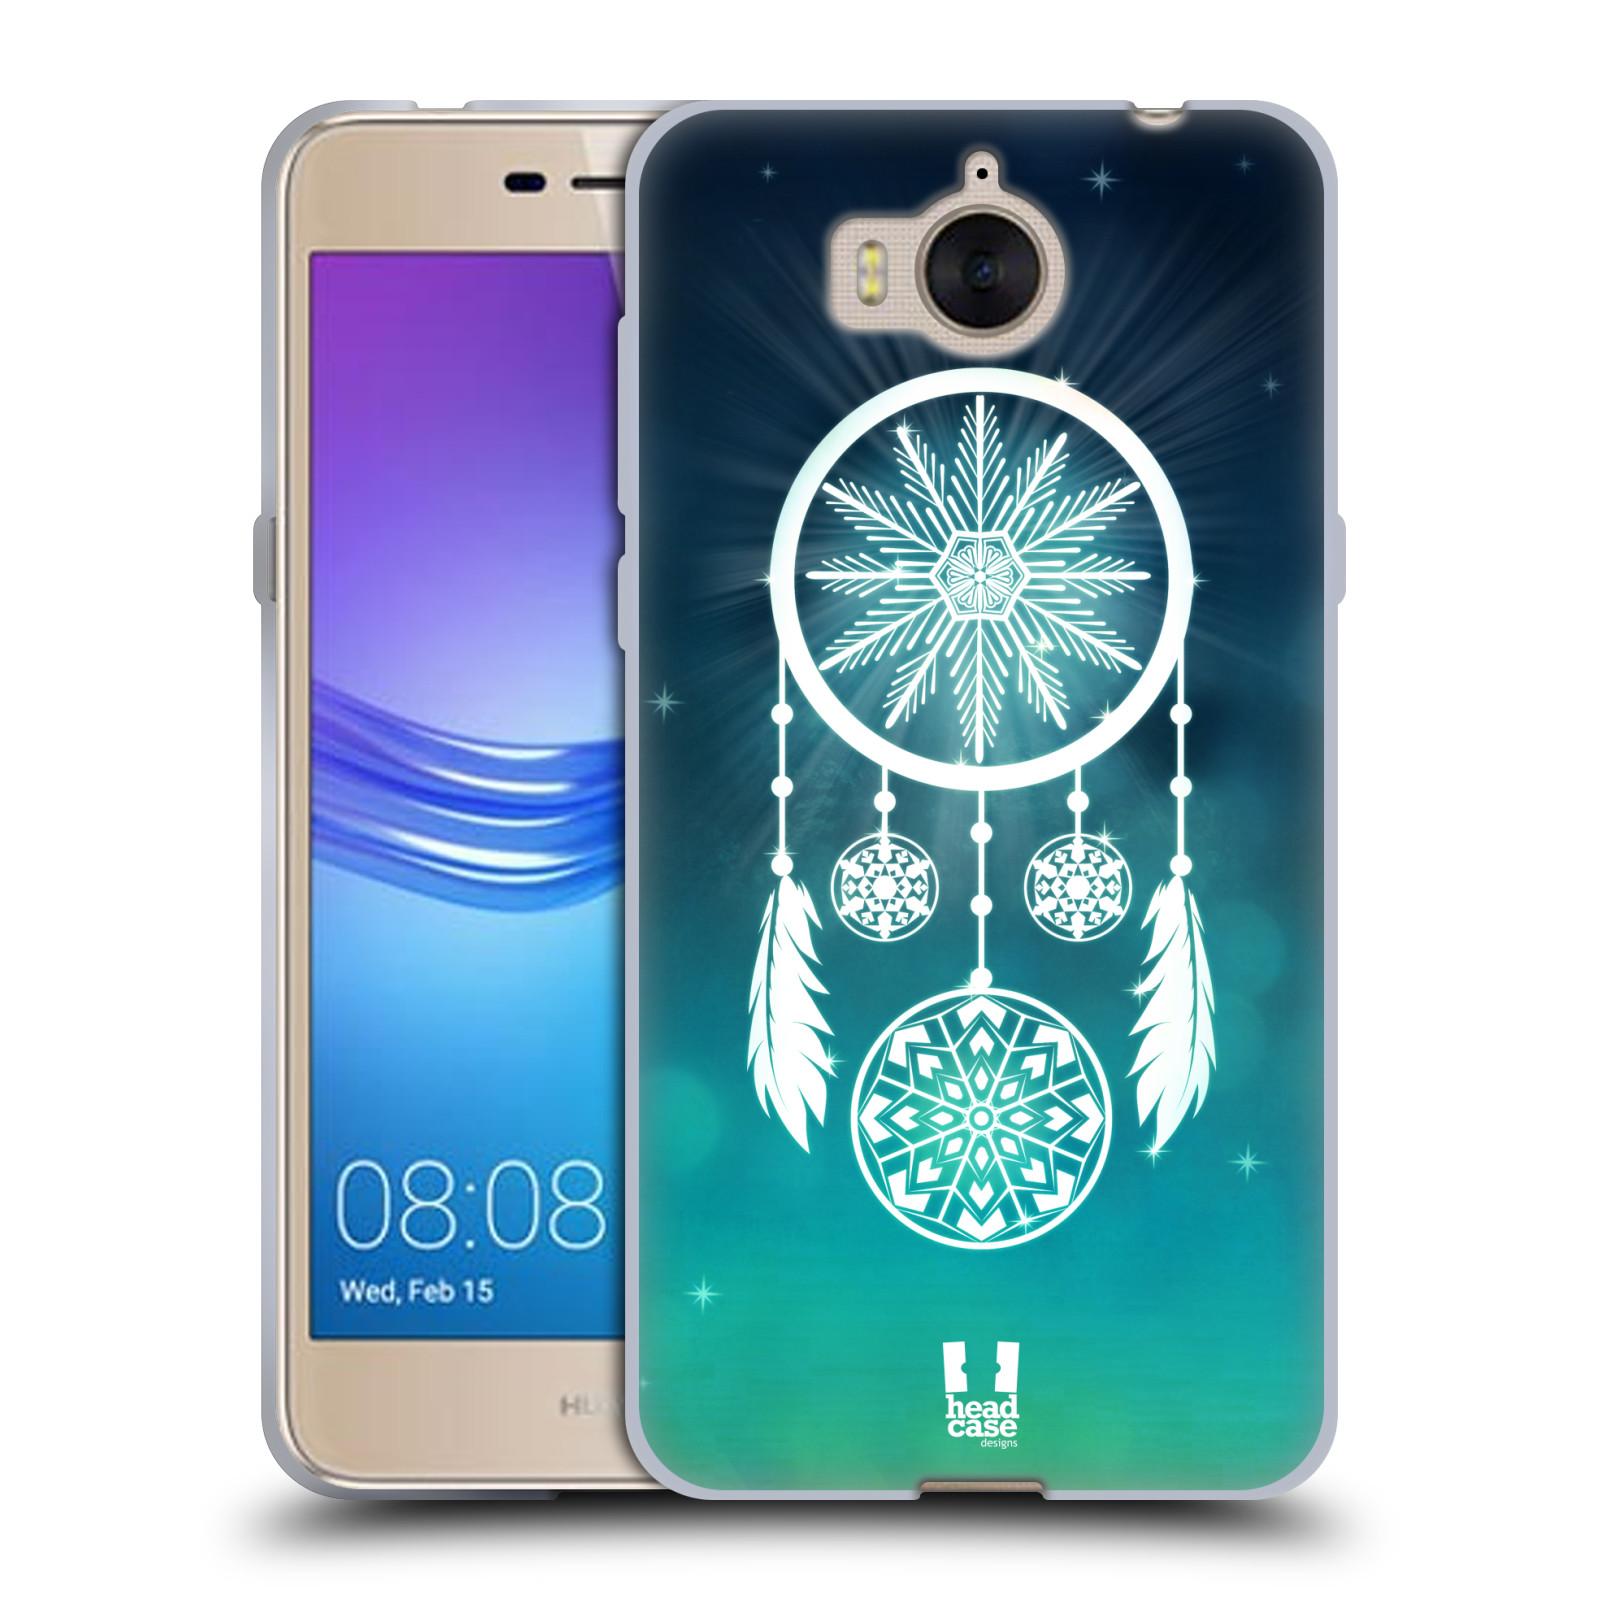 HEAD CASE silikonový obal na mobil Huawei Y6 2017 vzor Sněžné vločky modrá  lapač snů 00268e2b612